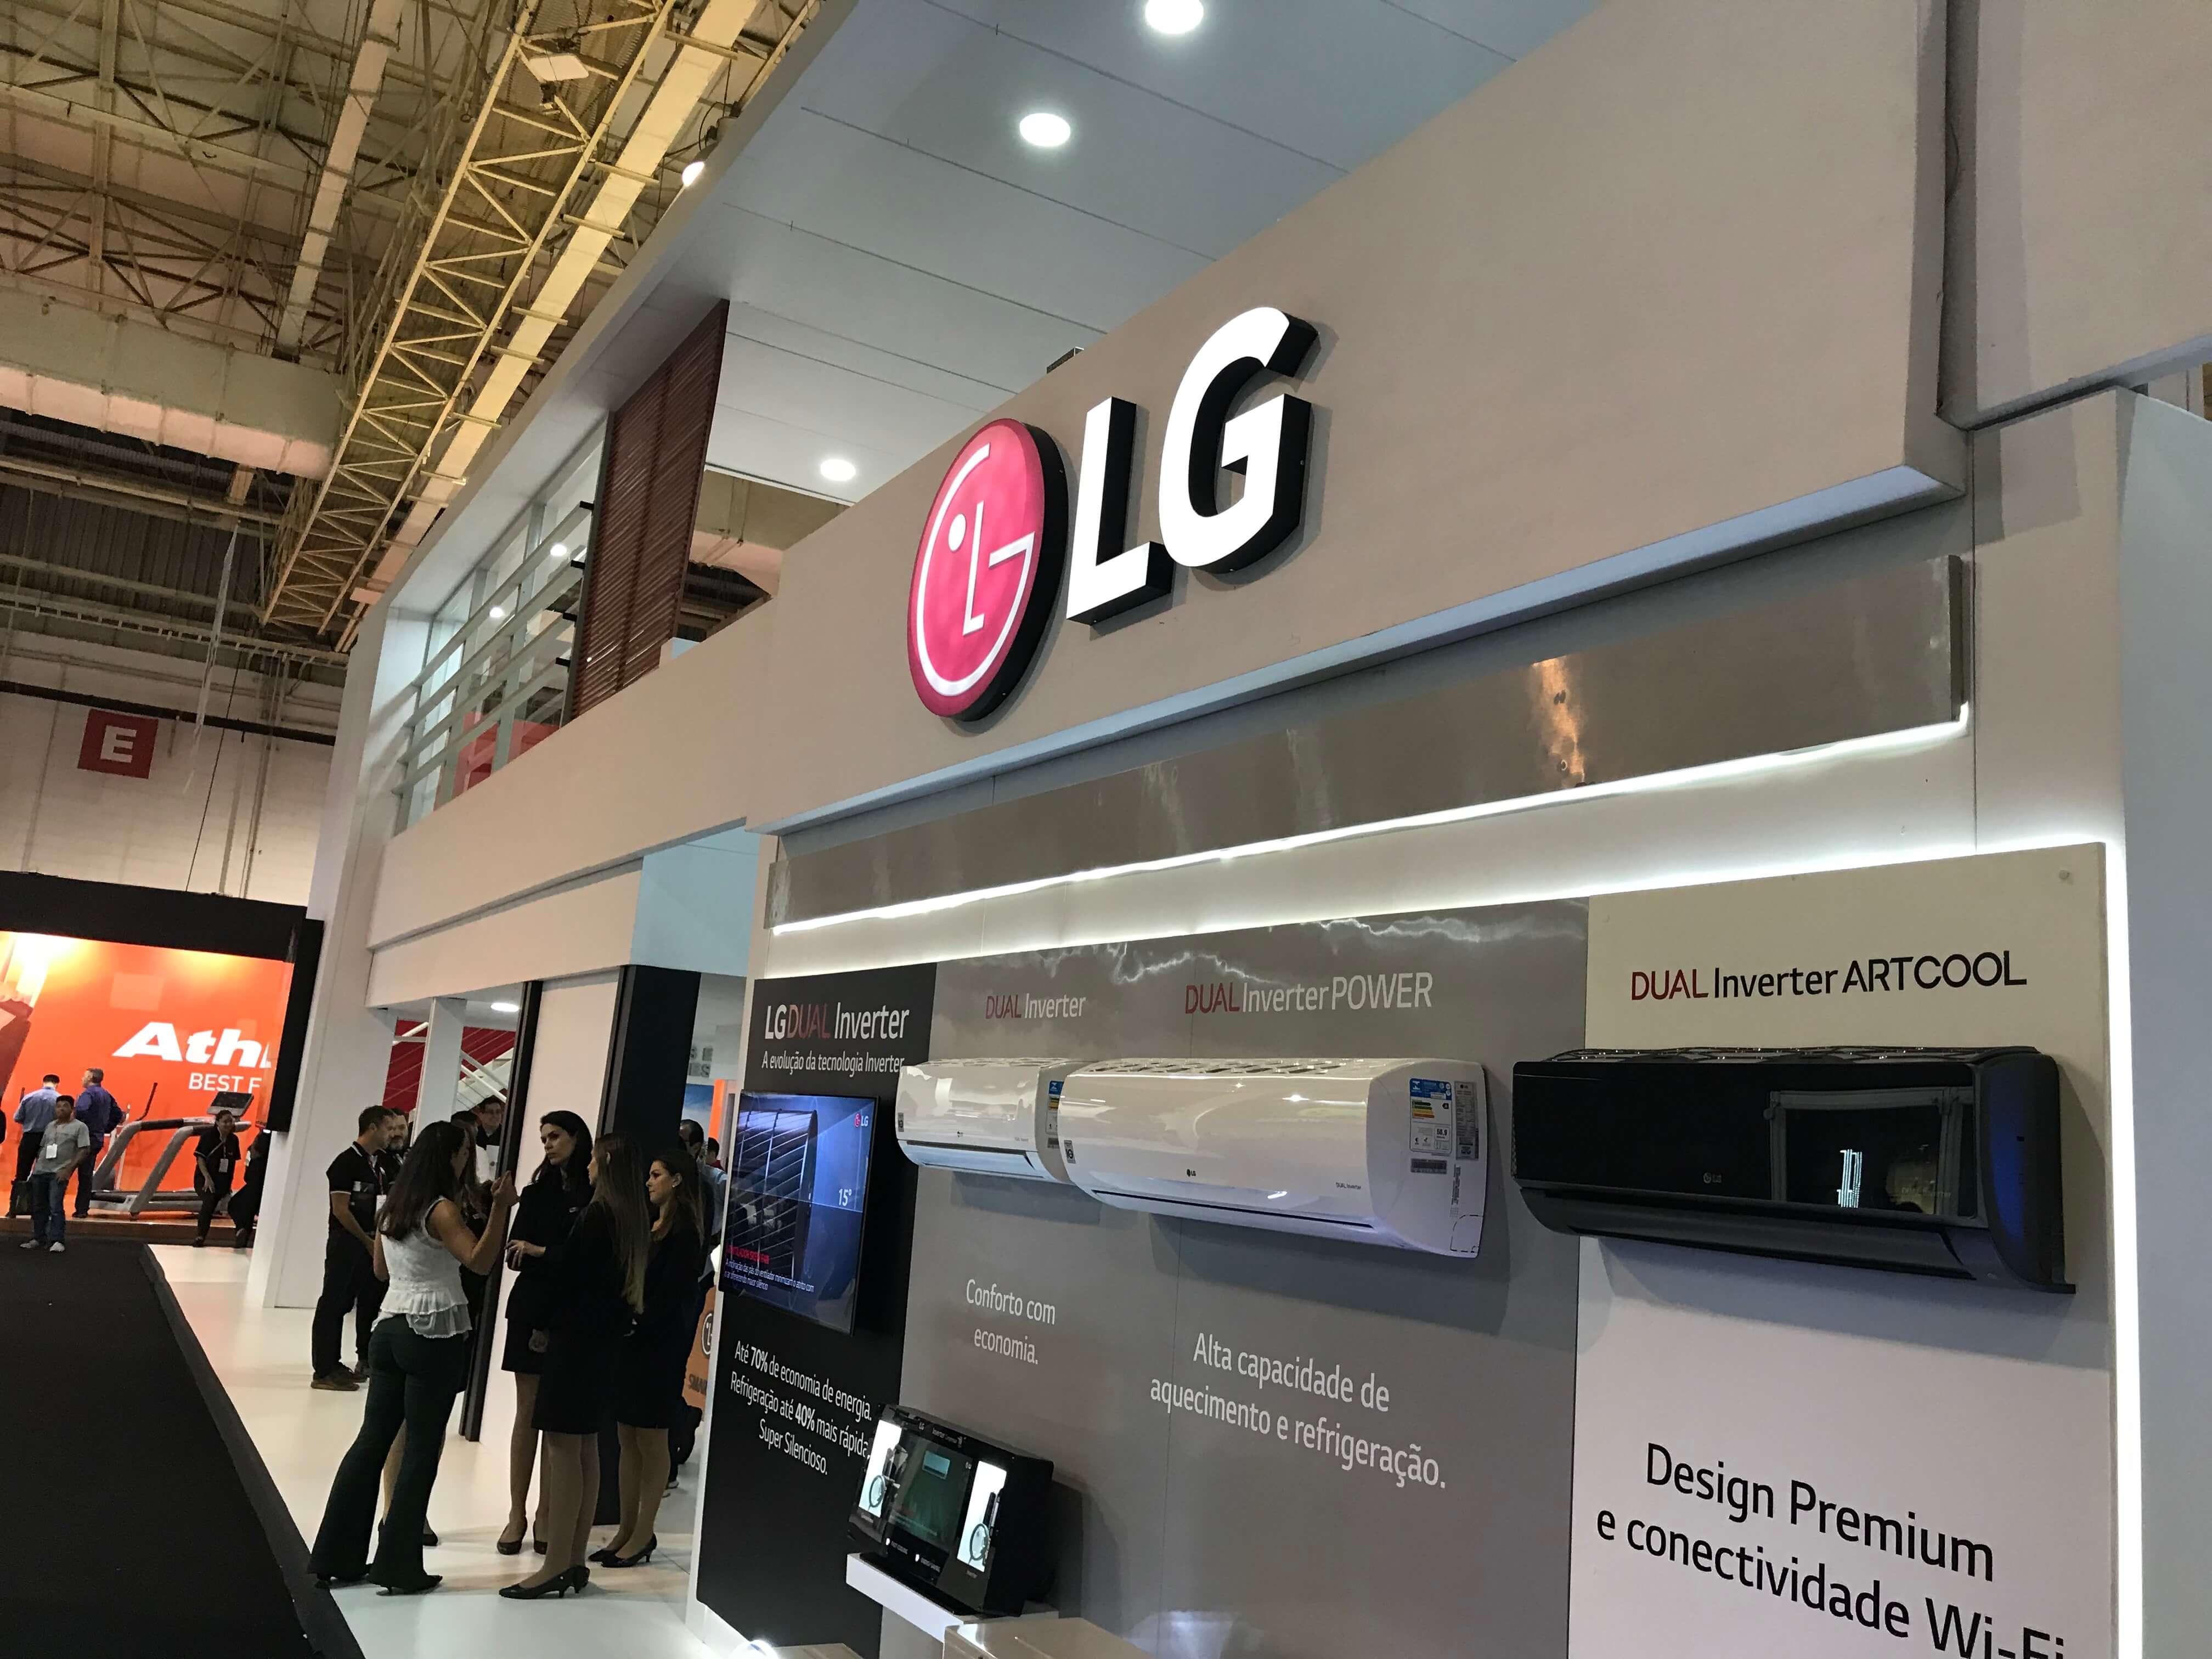 IMG 1373 - Eletrolar Show: LG amplia seu catálogo apresentando grandes novidades